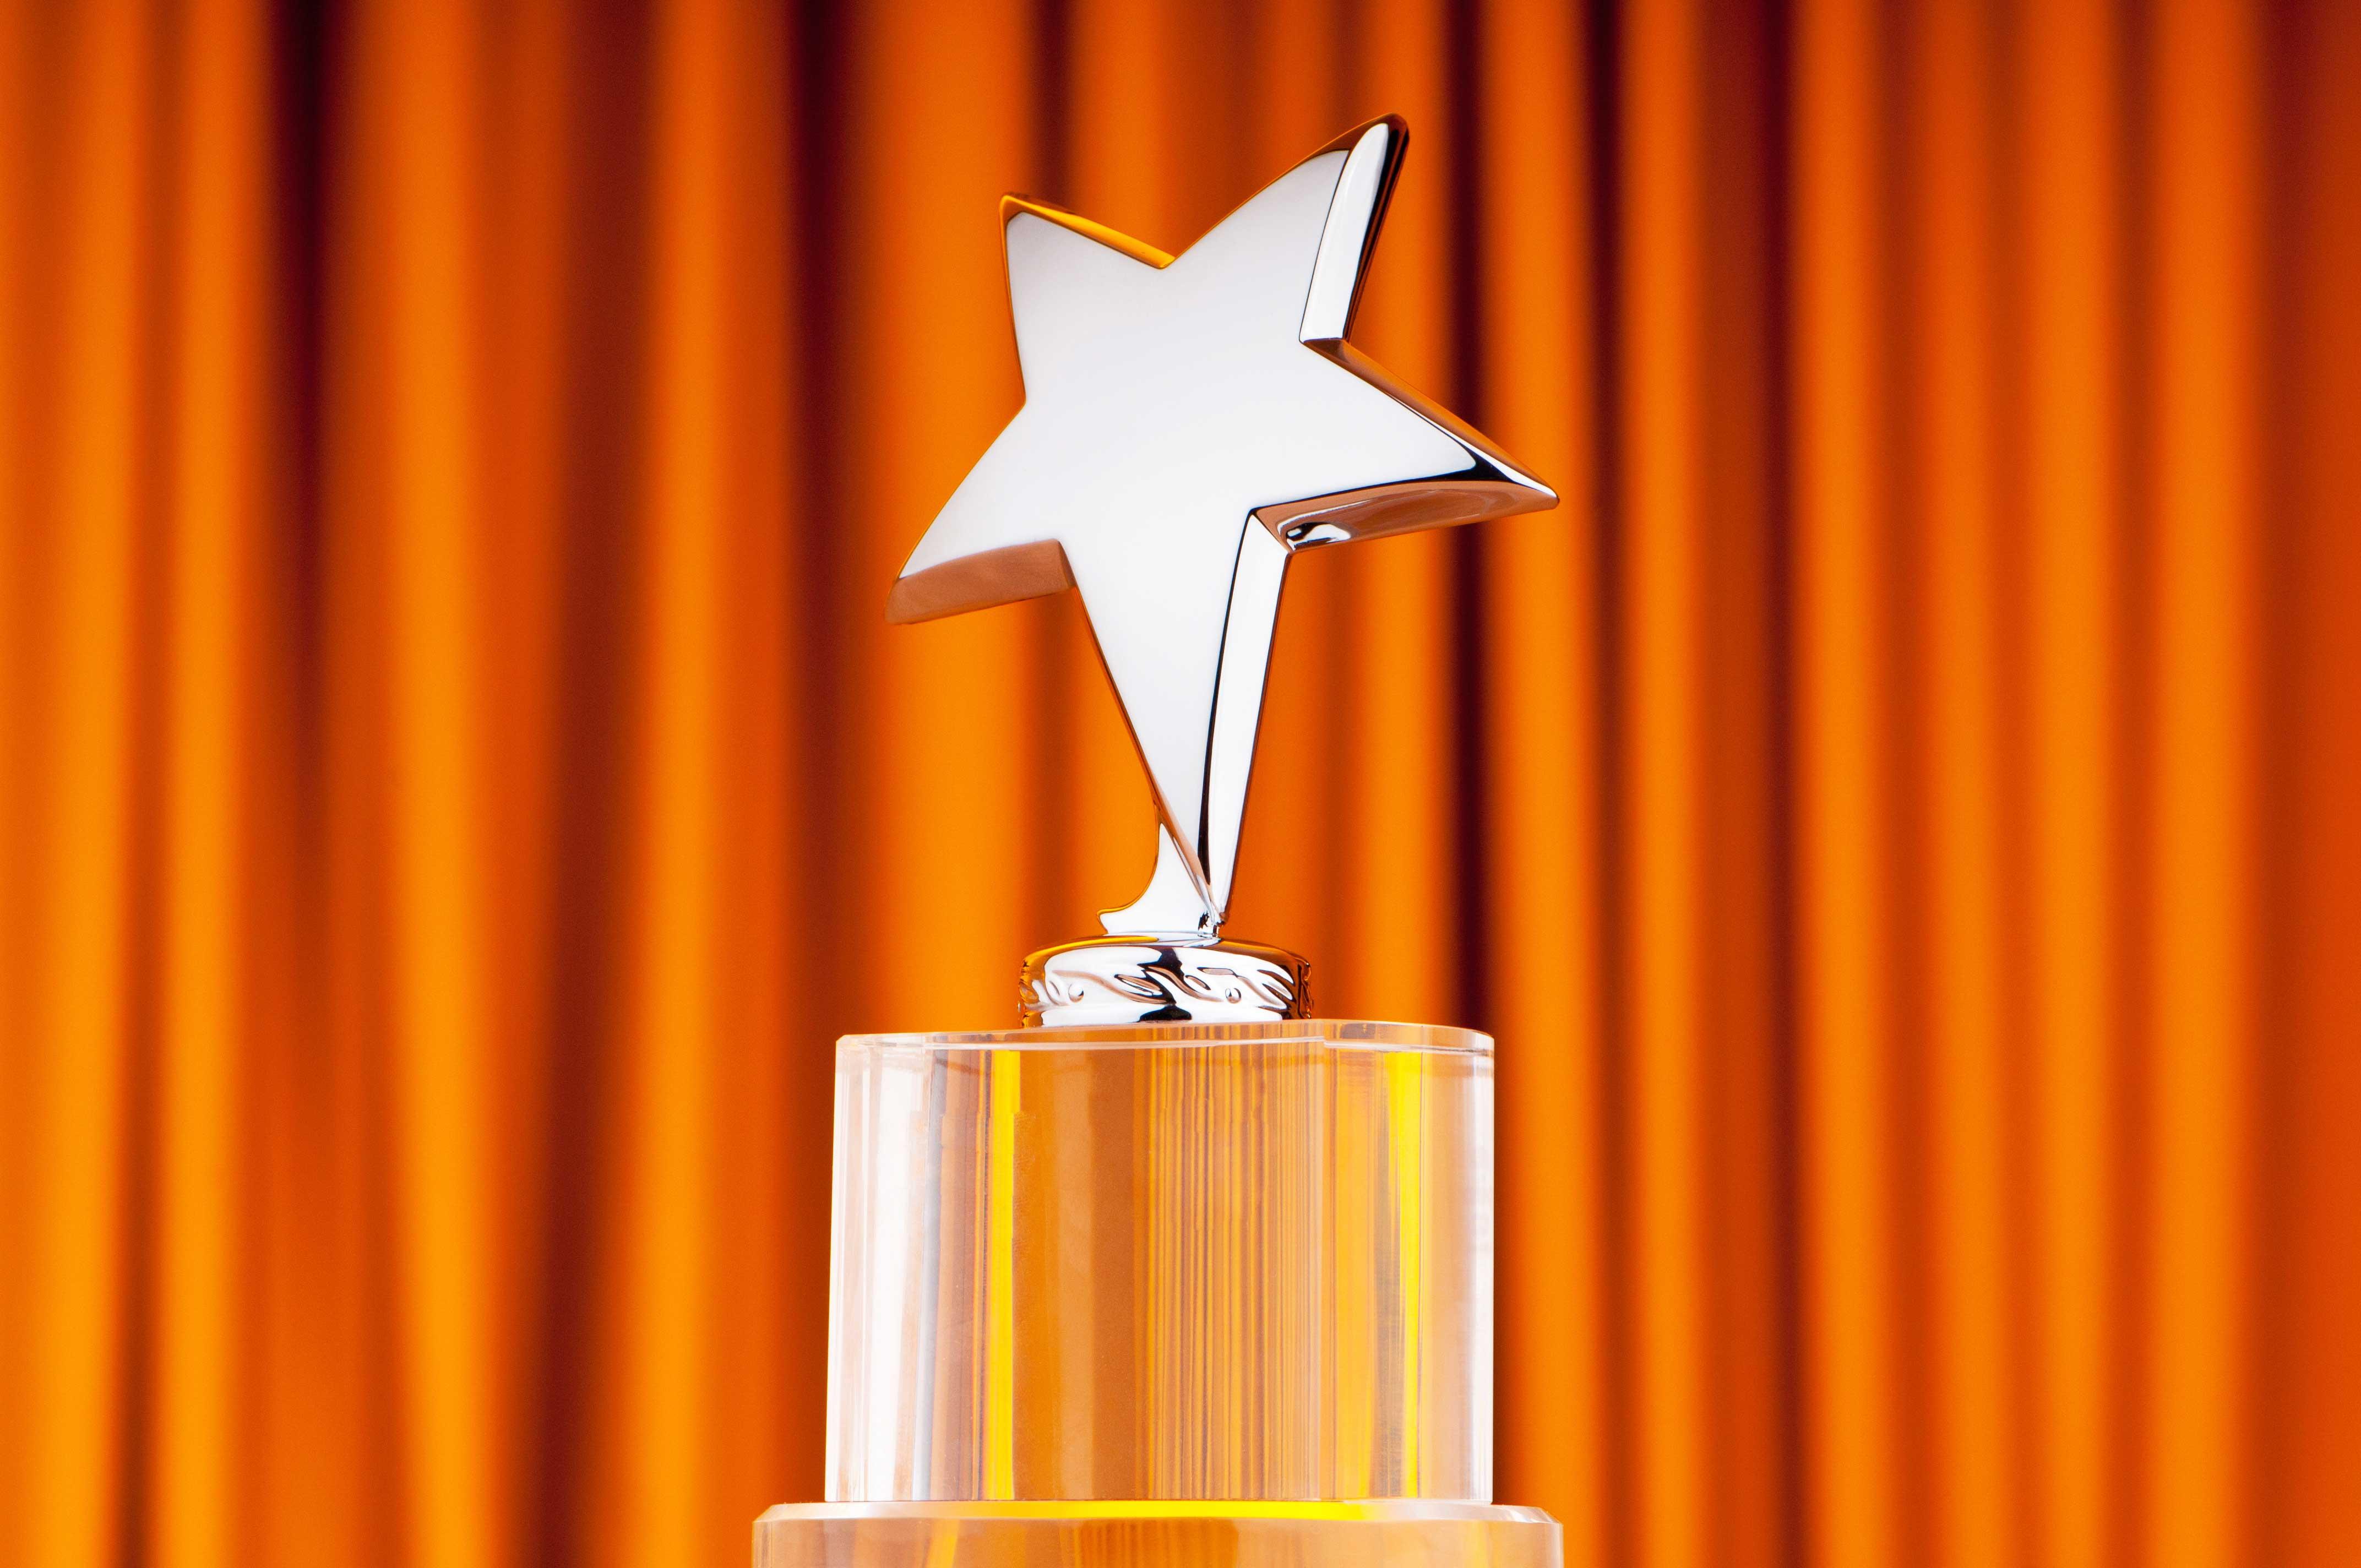 Star-award-against-curtain-background